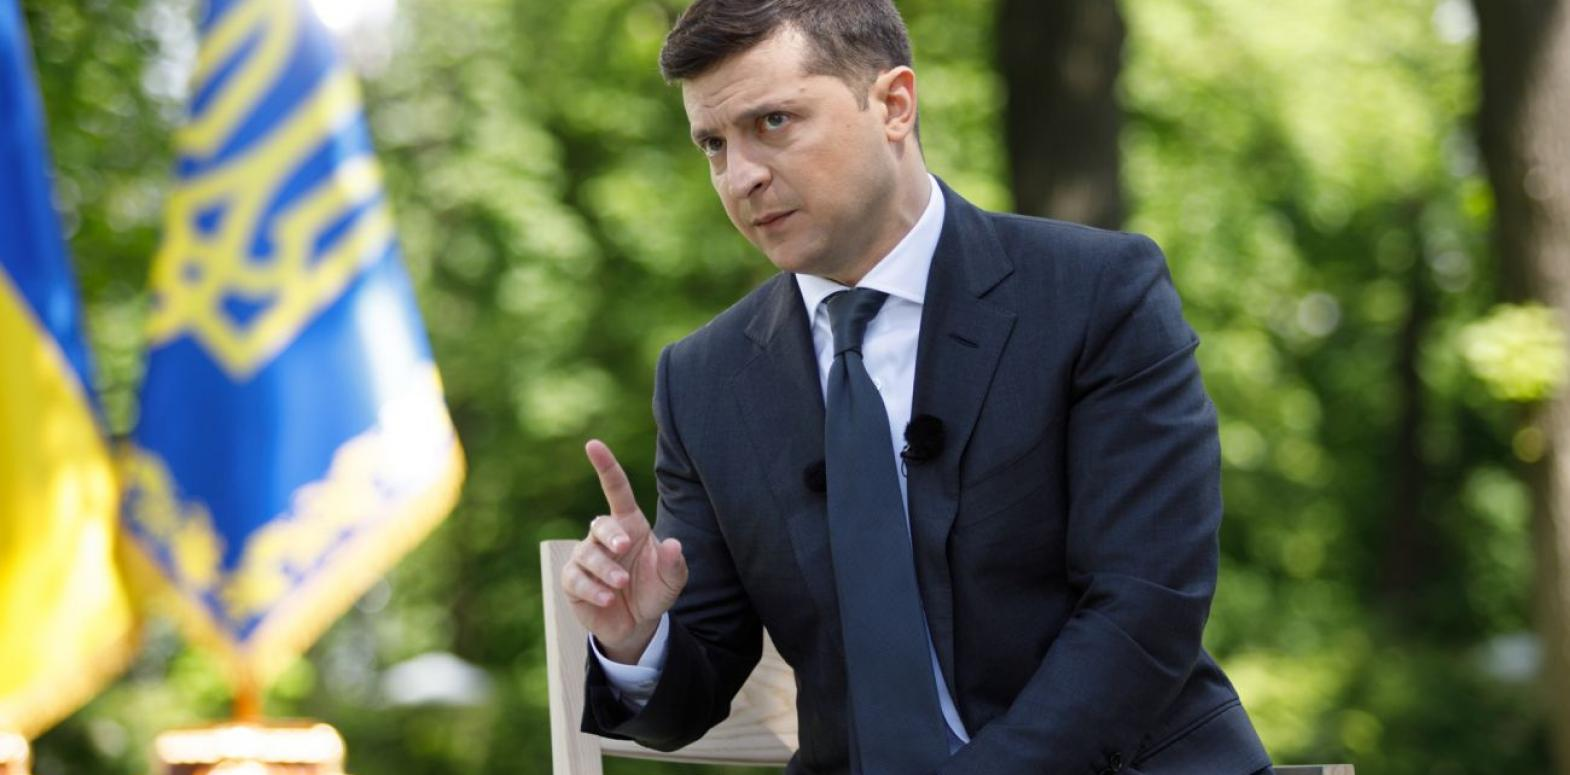 Зеленский просит Шмыгаля оценить работу госпредприятий стратегического значения